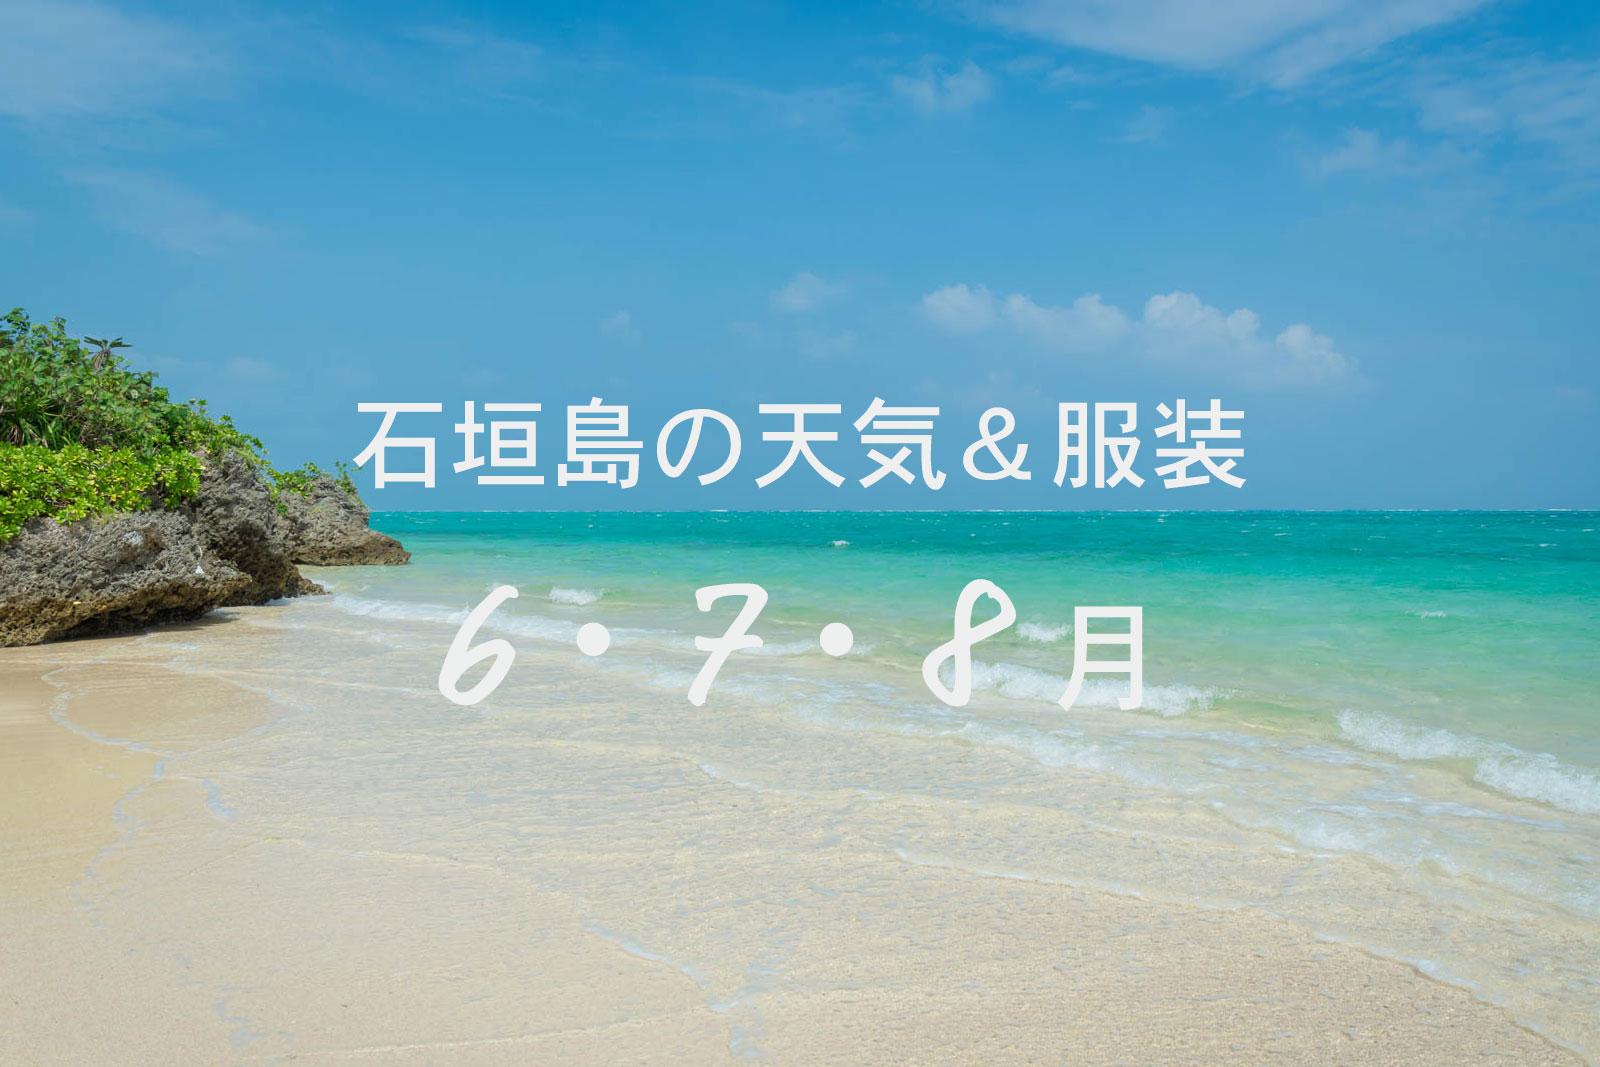 石垣島の天気&おすすめの服装【6月・7月・8月】